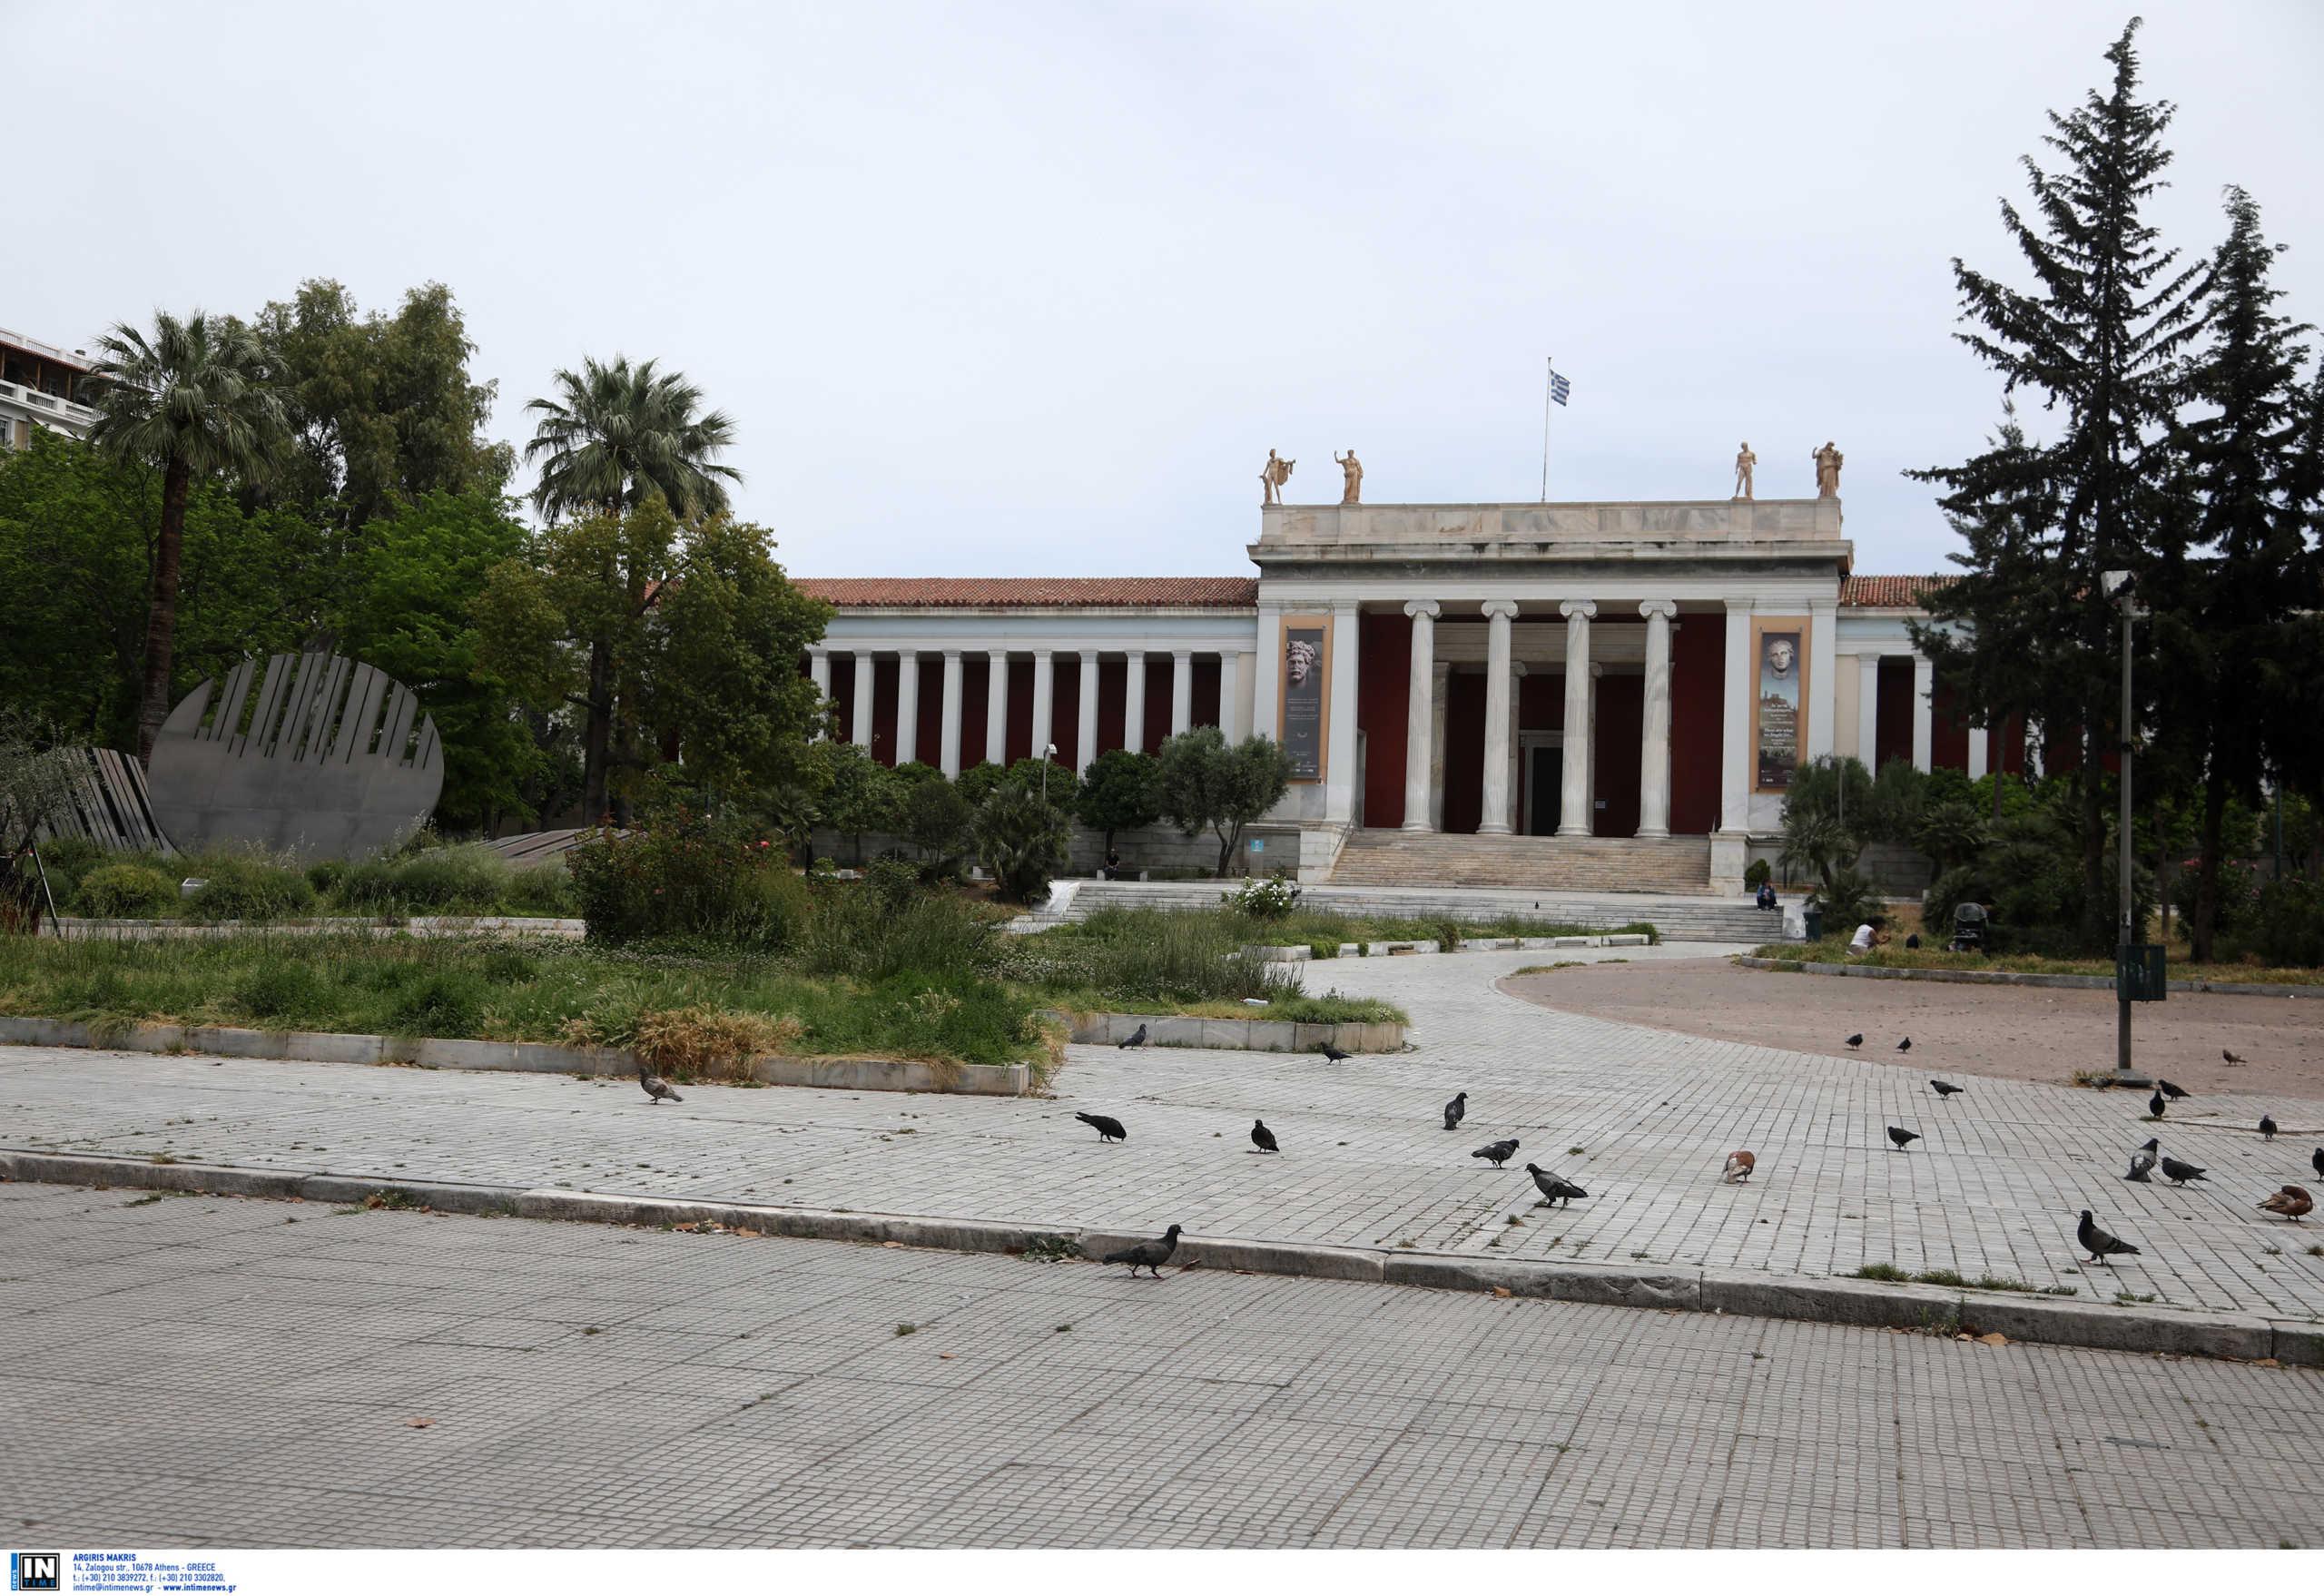 """Ξεκινά την Πέμπτη ο """"Μεγάλος Περίπατος"""" – Ανοικτό το κέντρο της Αθήνας"""